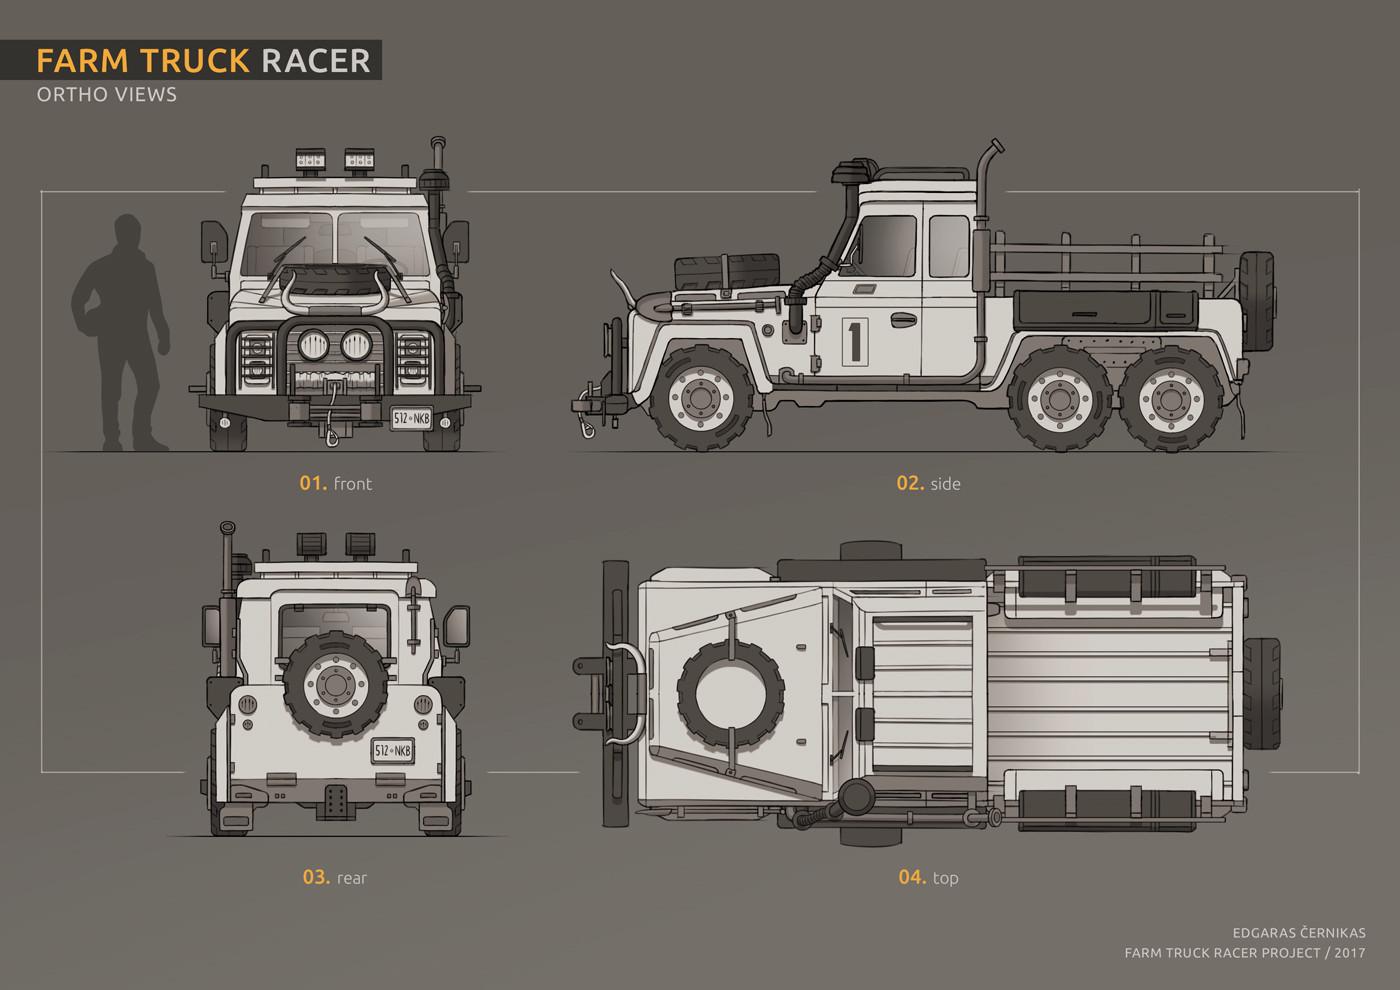 Edgaras cernikas farm truck racer ortho views 1400x990